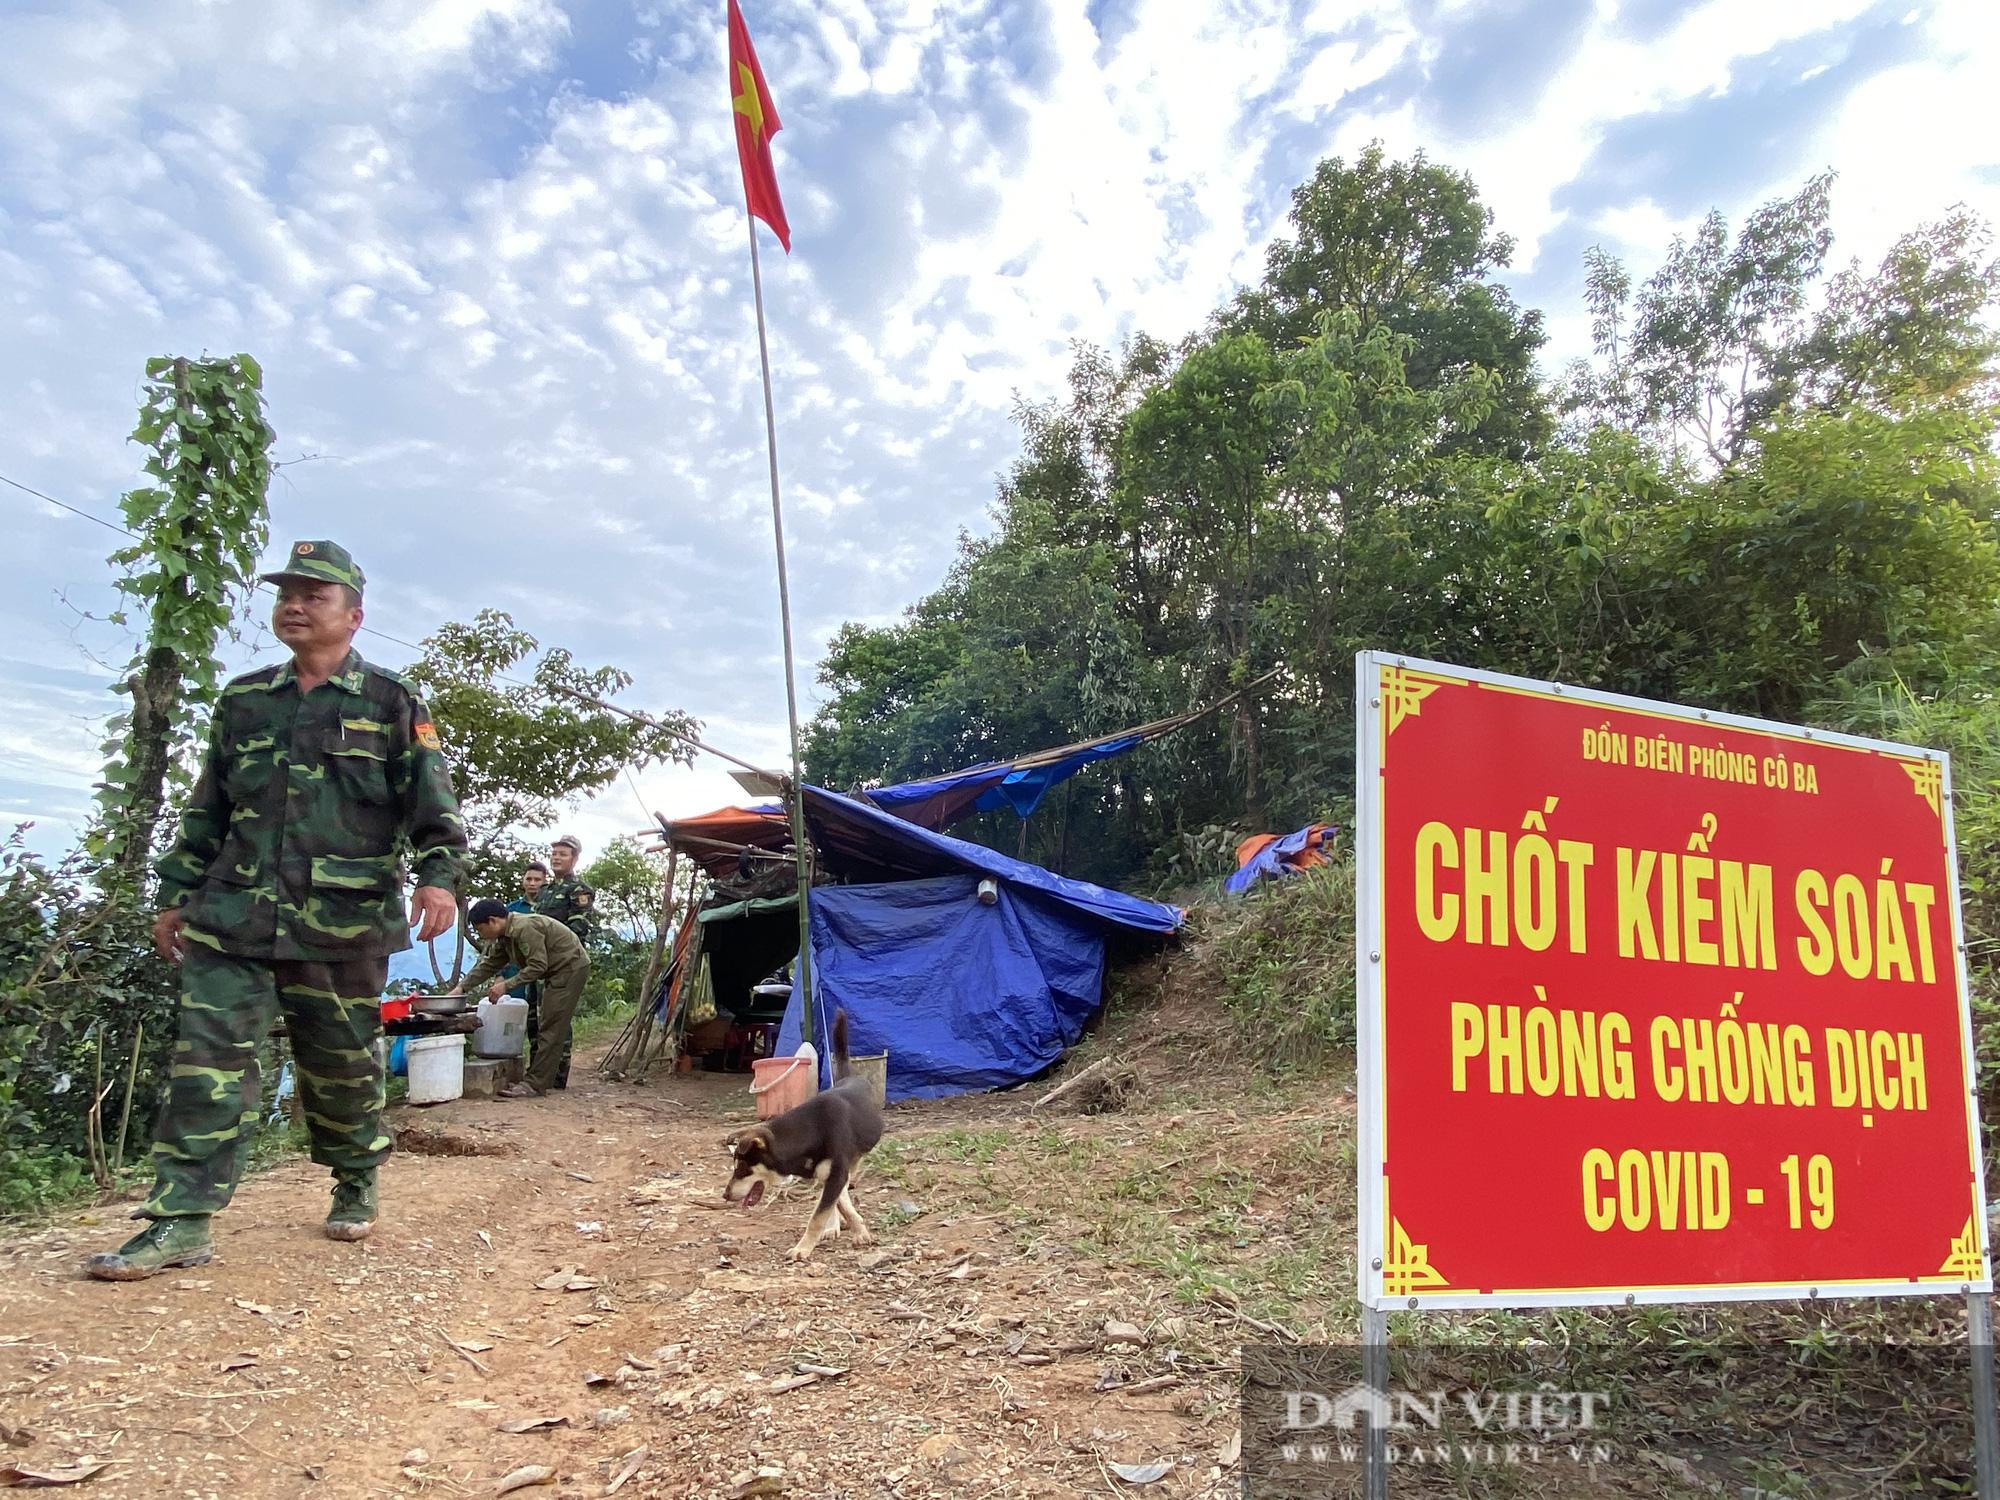 Từ nhấn mạnh của Tổng Bí thư, Chủ tịch nước và việc giữ vững bản chất chính trị Quân đội - Ảnh 3.